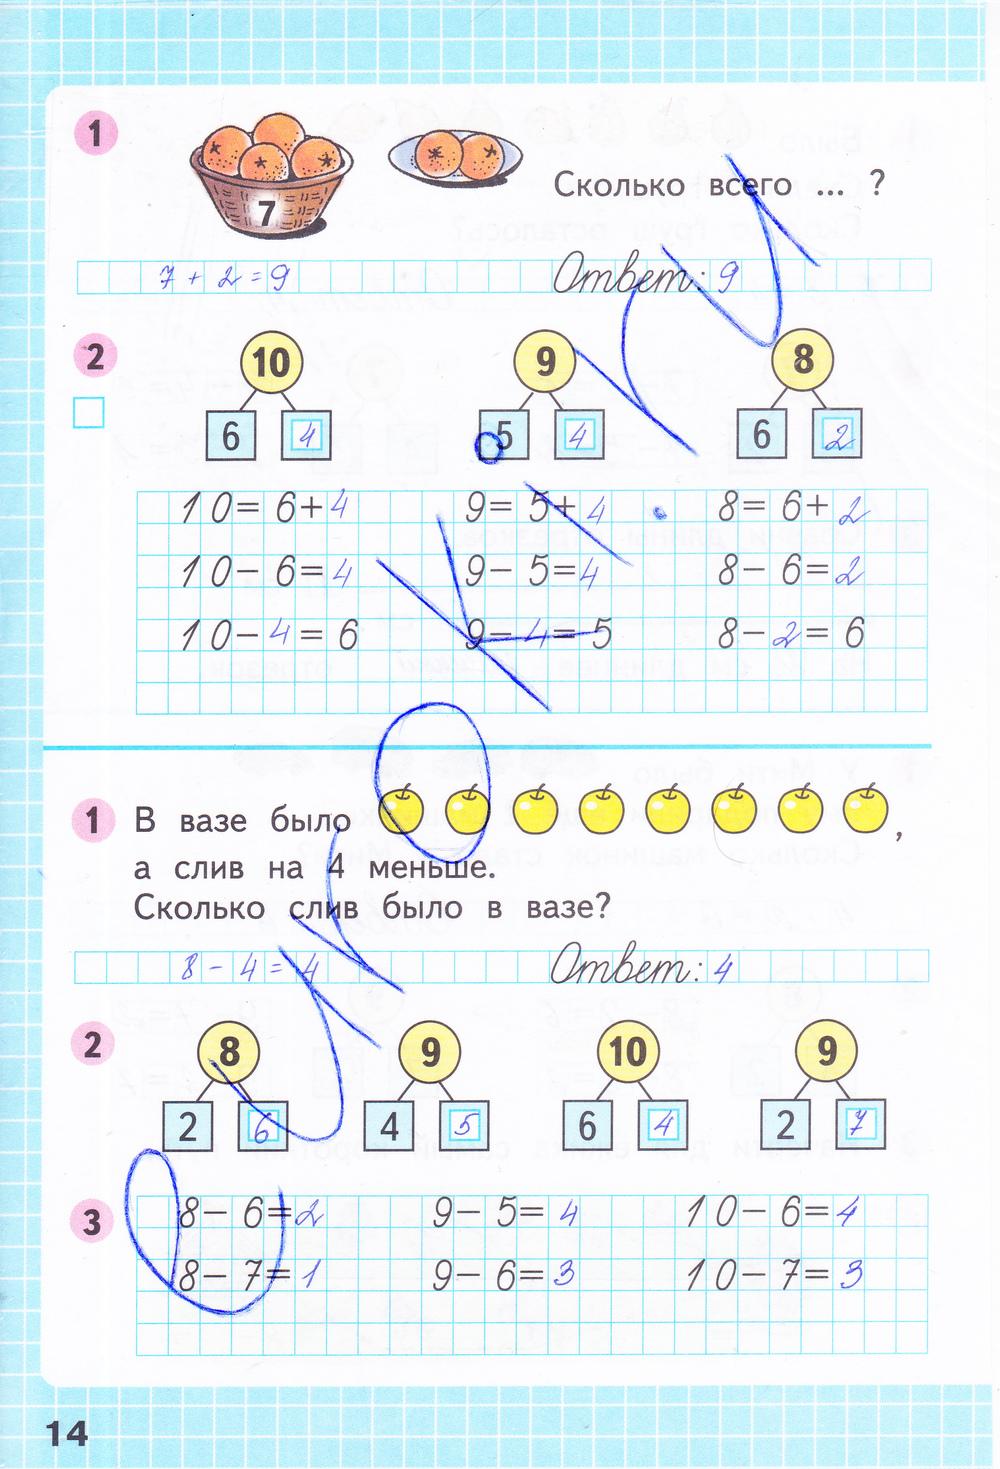 Гдз по математике 2 класс 2 часть моро волкова рабочая тетрадь ответы части 1.2